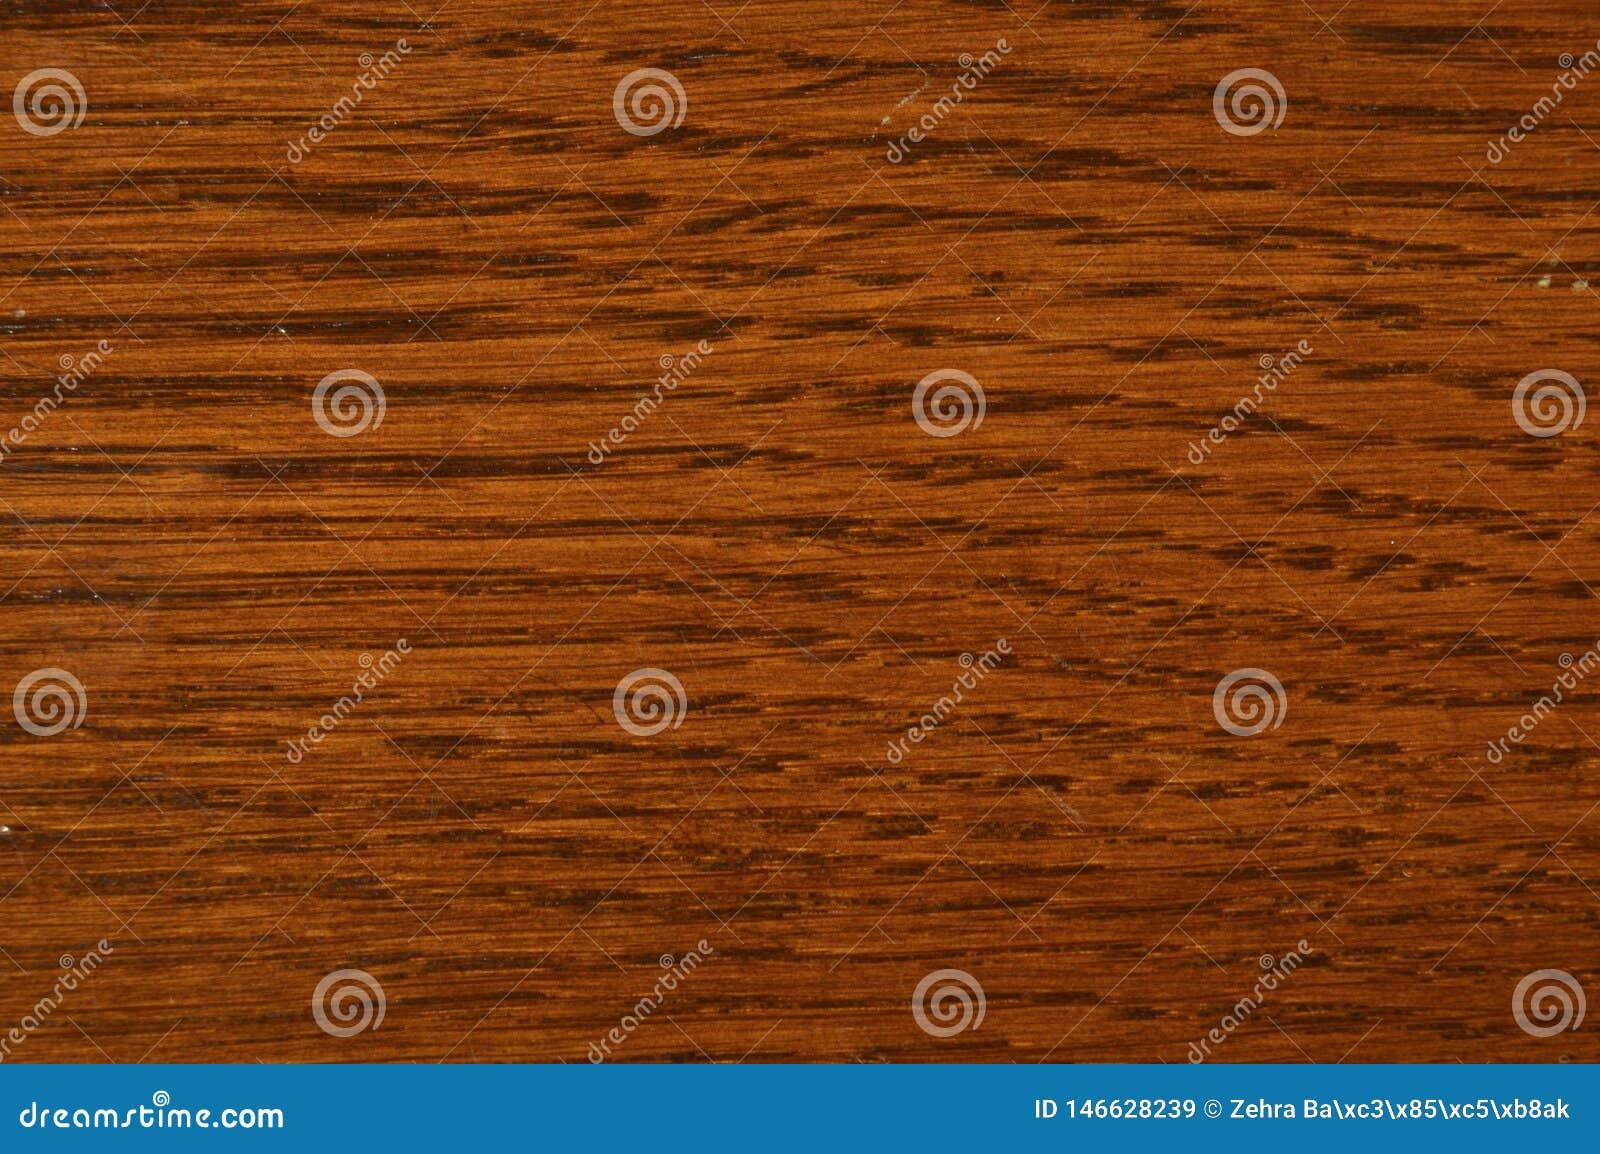 Браун и бежевая поверхность текстуры древесины дуба Конструкция, зерно